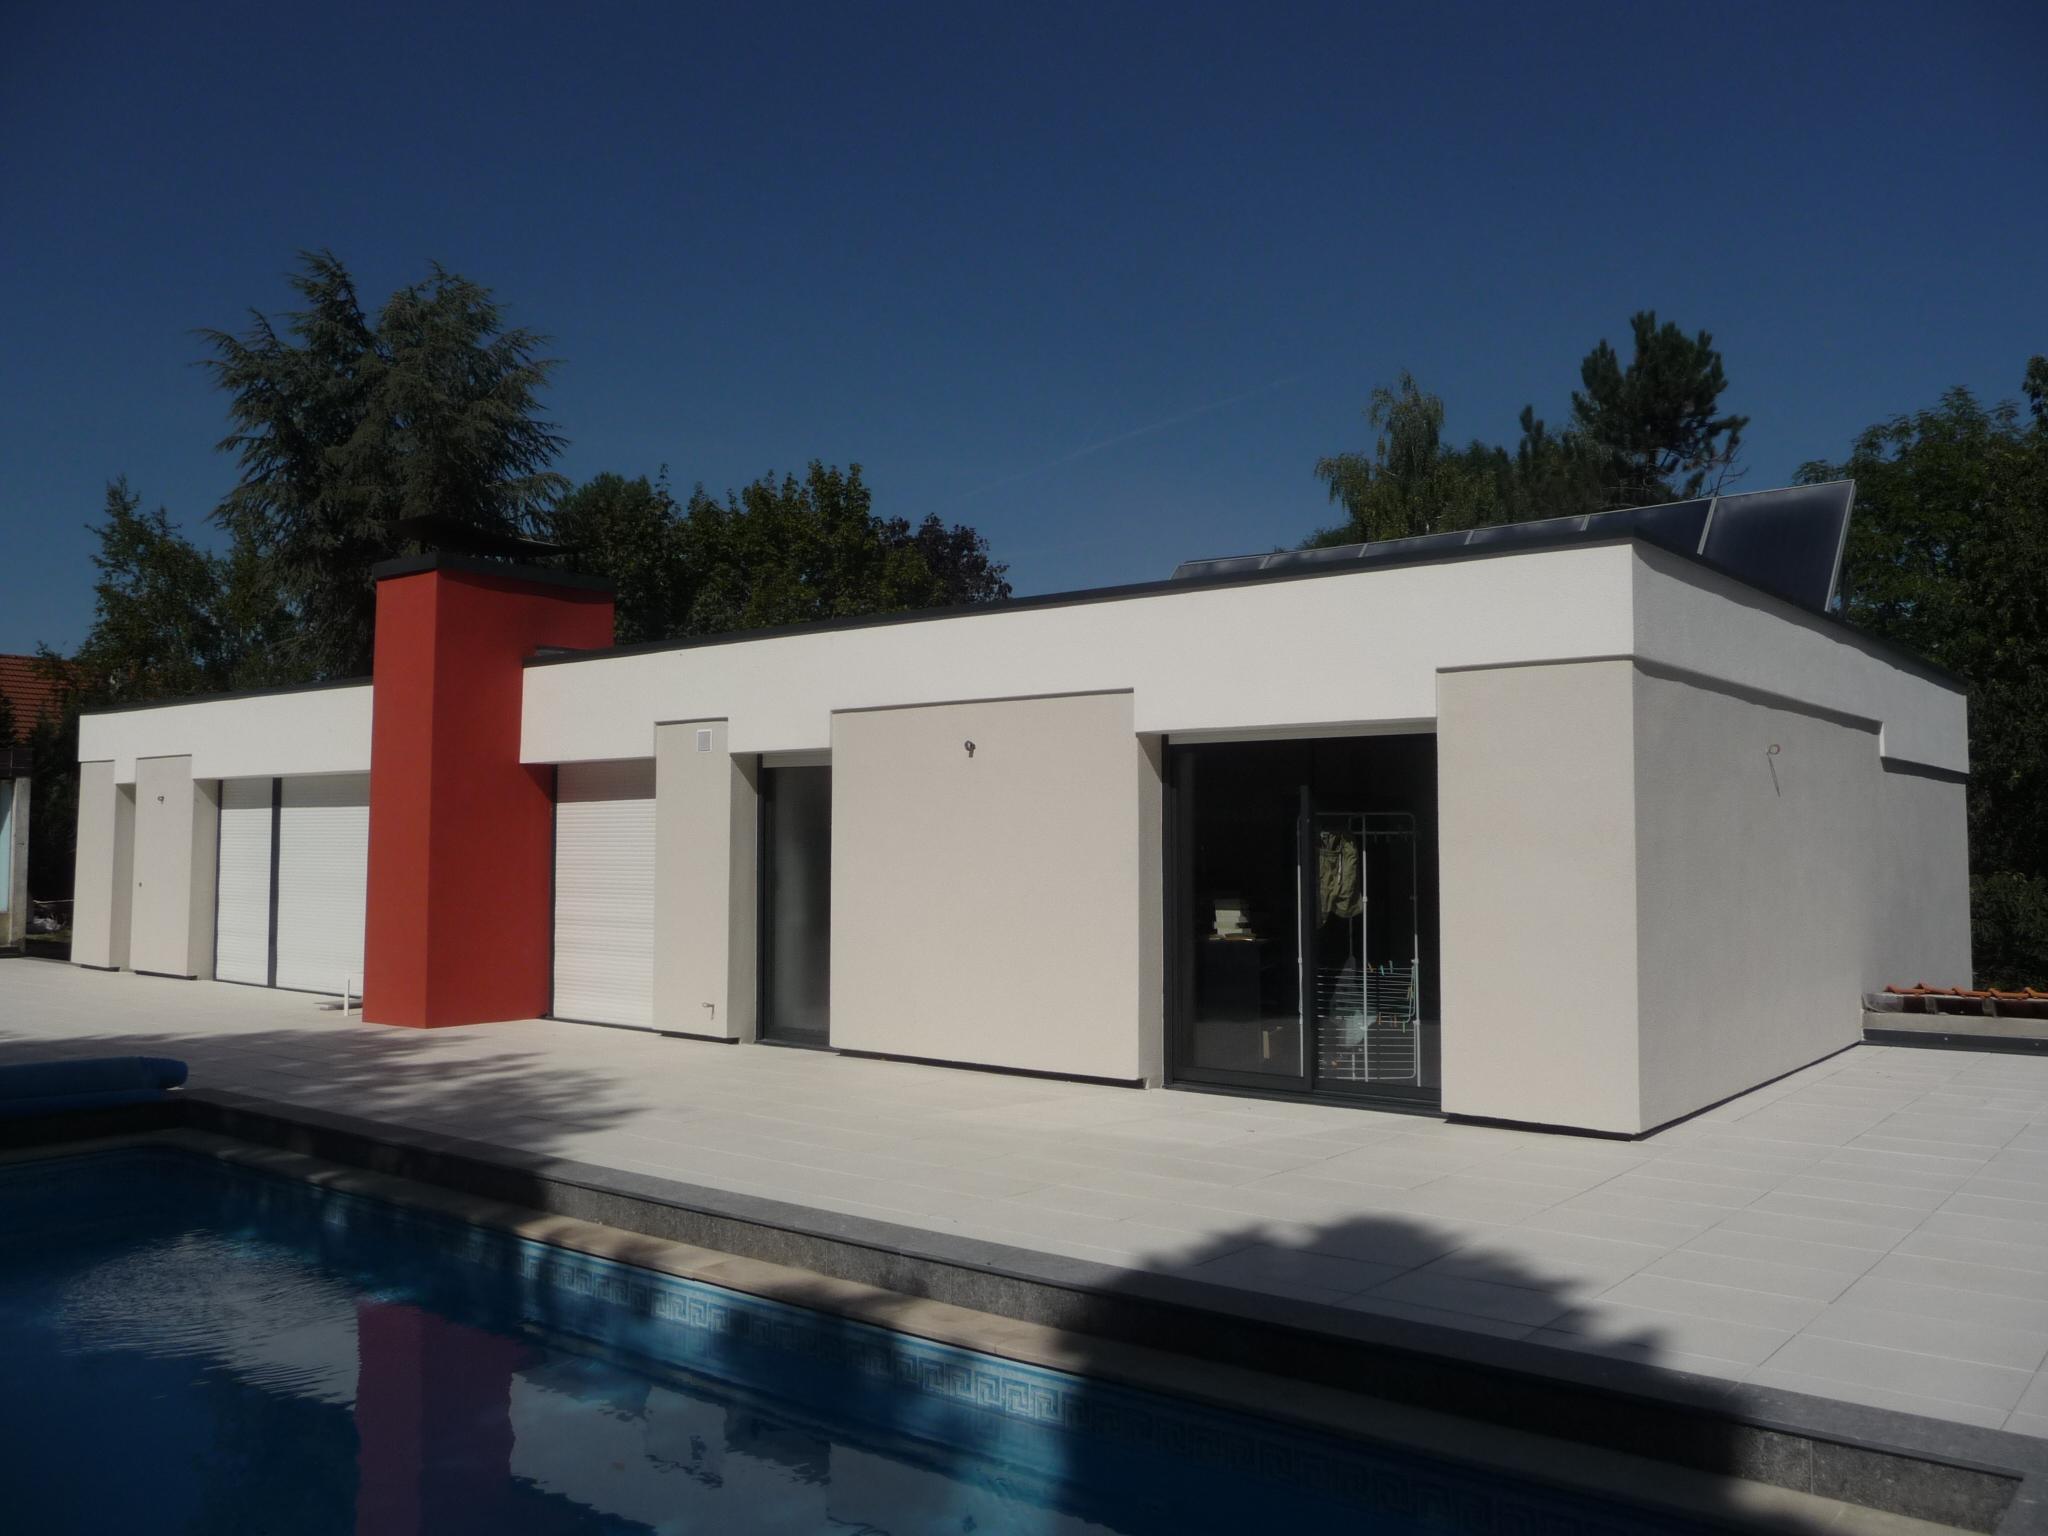 05--PLAPPEVILLE- Réhabilitation d'une maison d'habitation-PRIVE.JPG